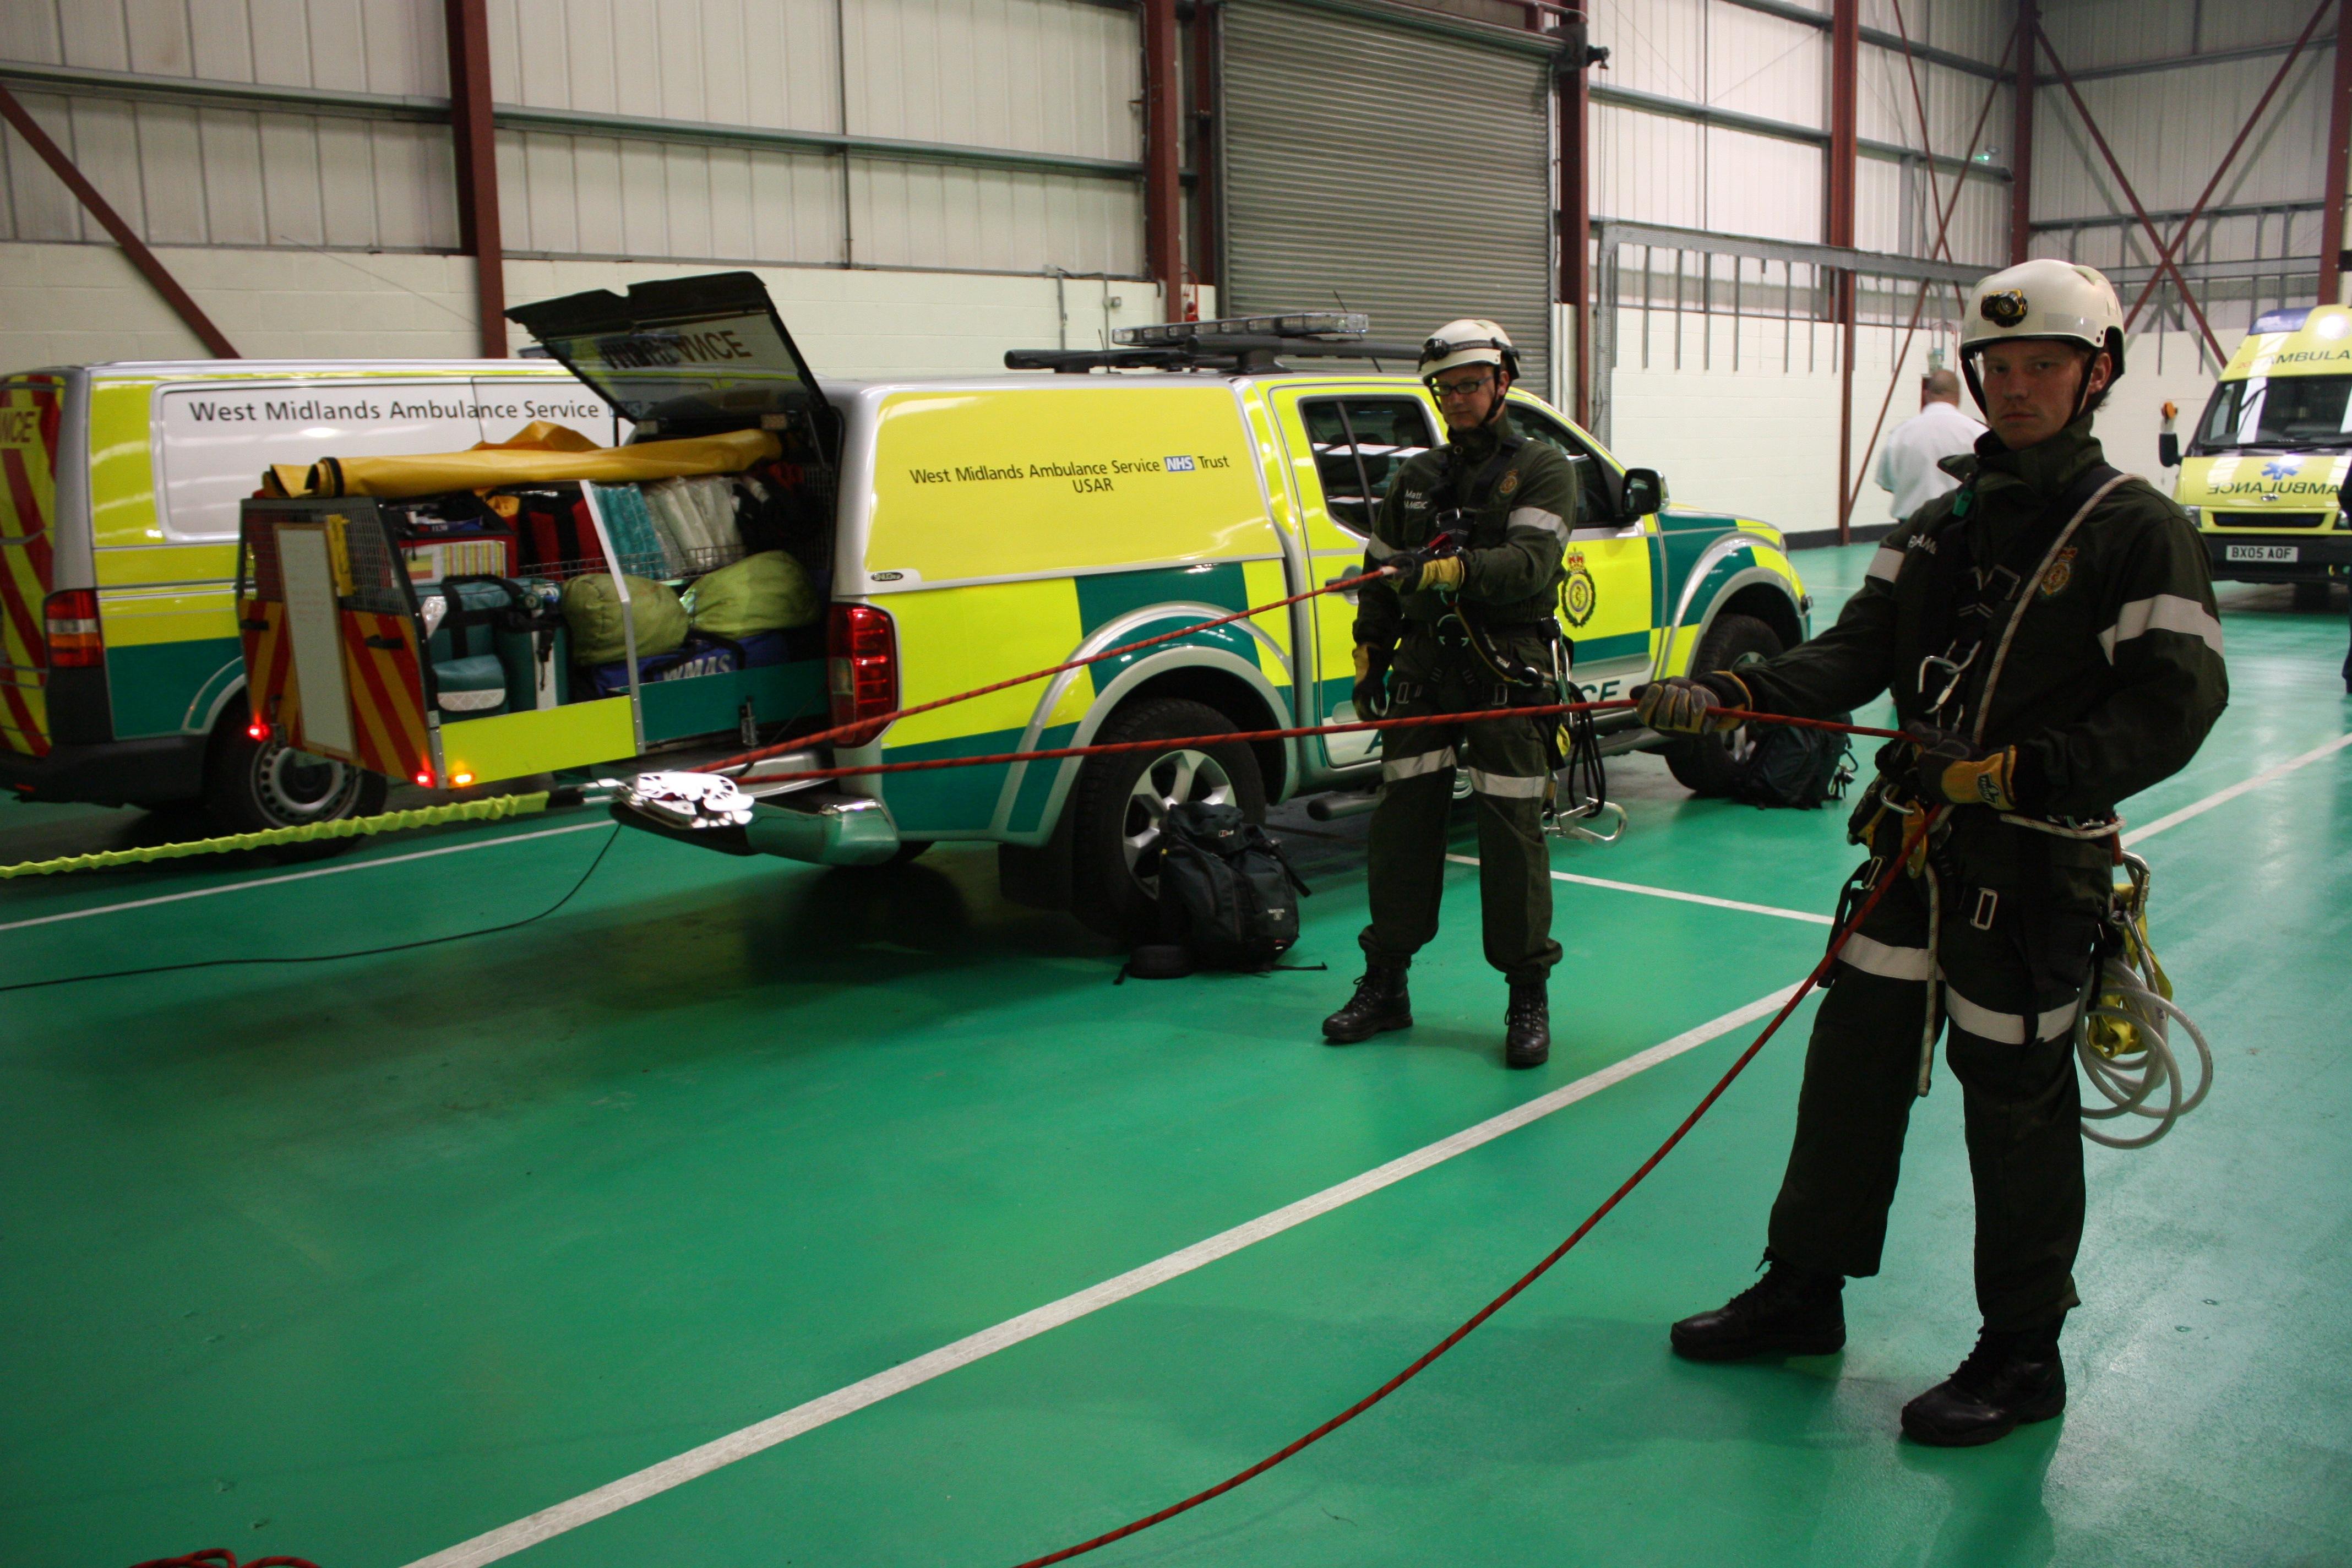 Emergency Live | Como o HART treina seus paramédicos? imagem 5